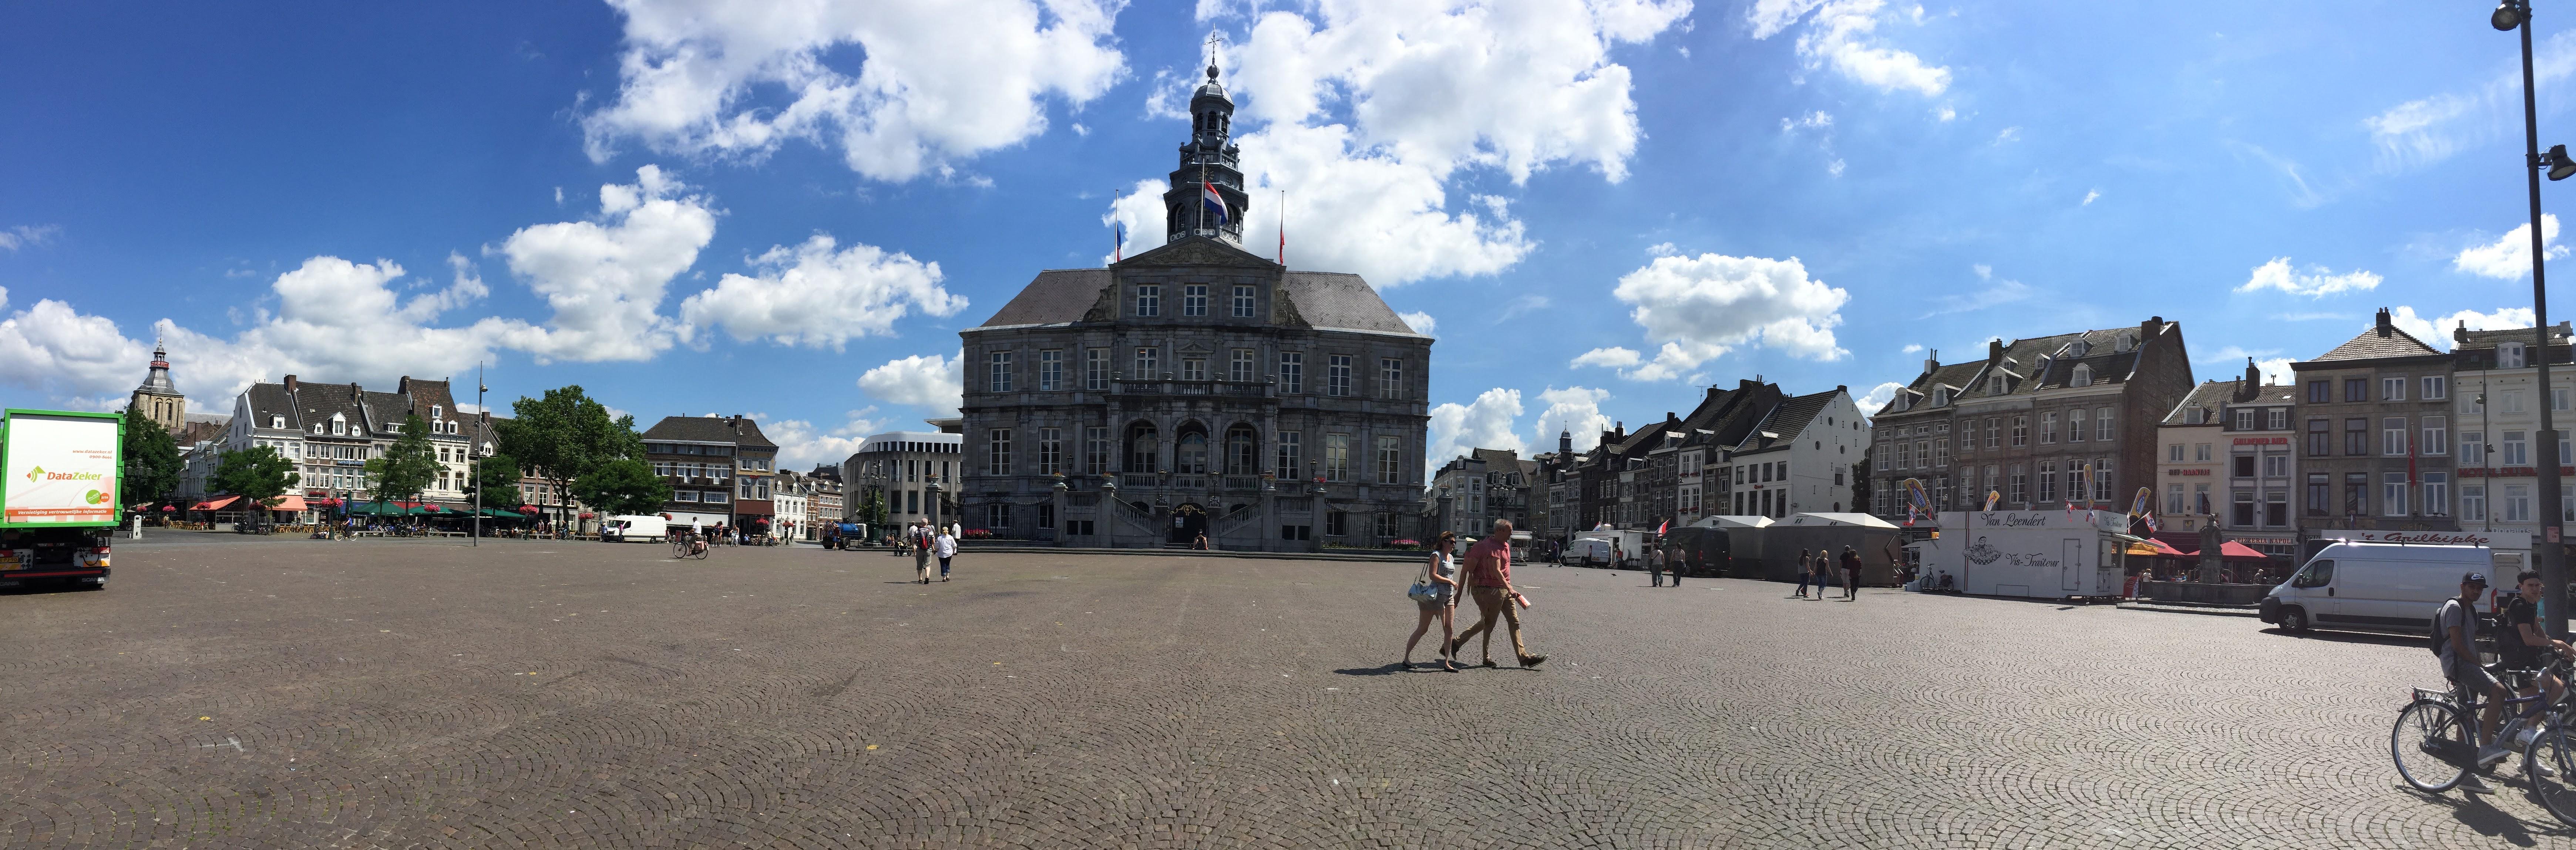 マーストリヒト旧市庁舎